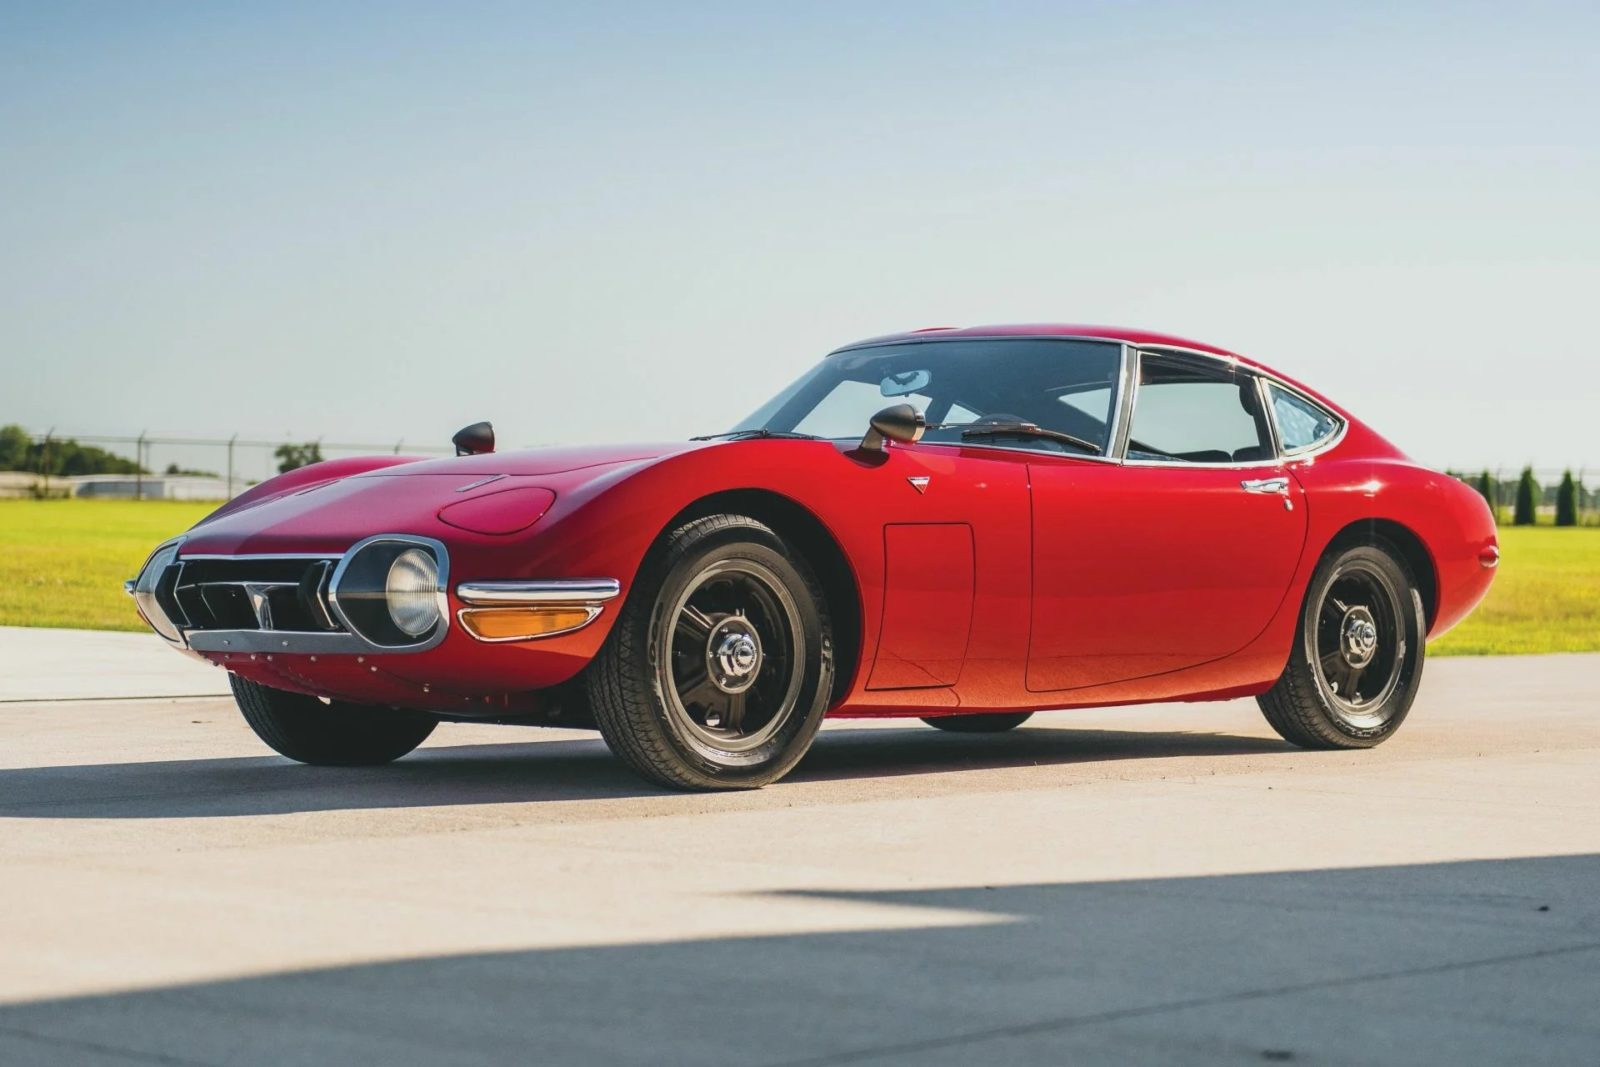 На торгах аукционного дома RM Sotheby's продан спорткар Toyota 2000GT: покупатель выложил за 53-летнее купе 912,5 тысячи долларов.